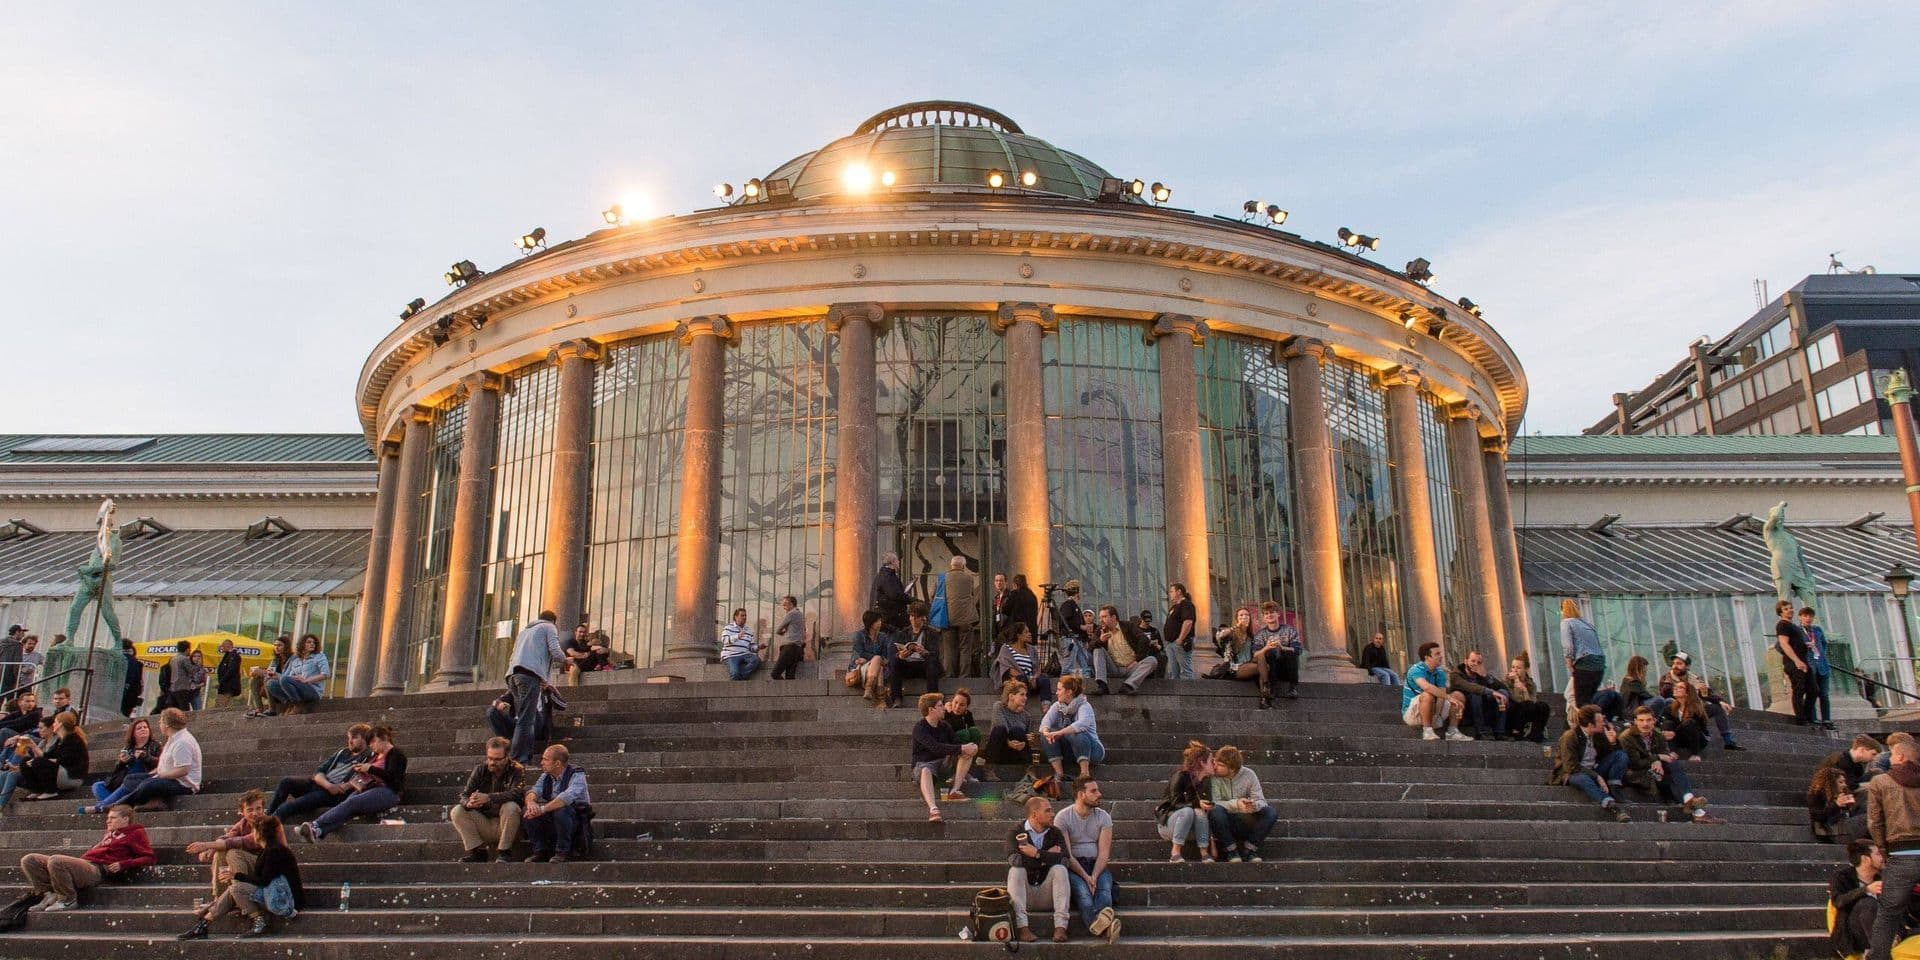 Franc succès pour l'édition 2021 des Nuits Botaniques qui a rassemblé 22.000 personnes